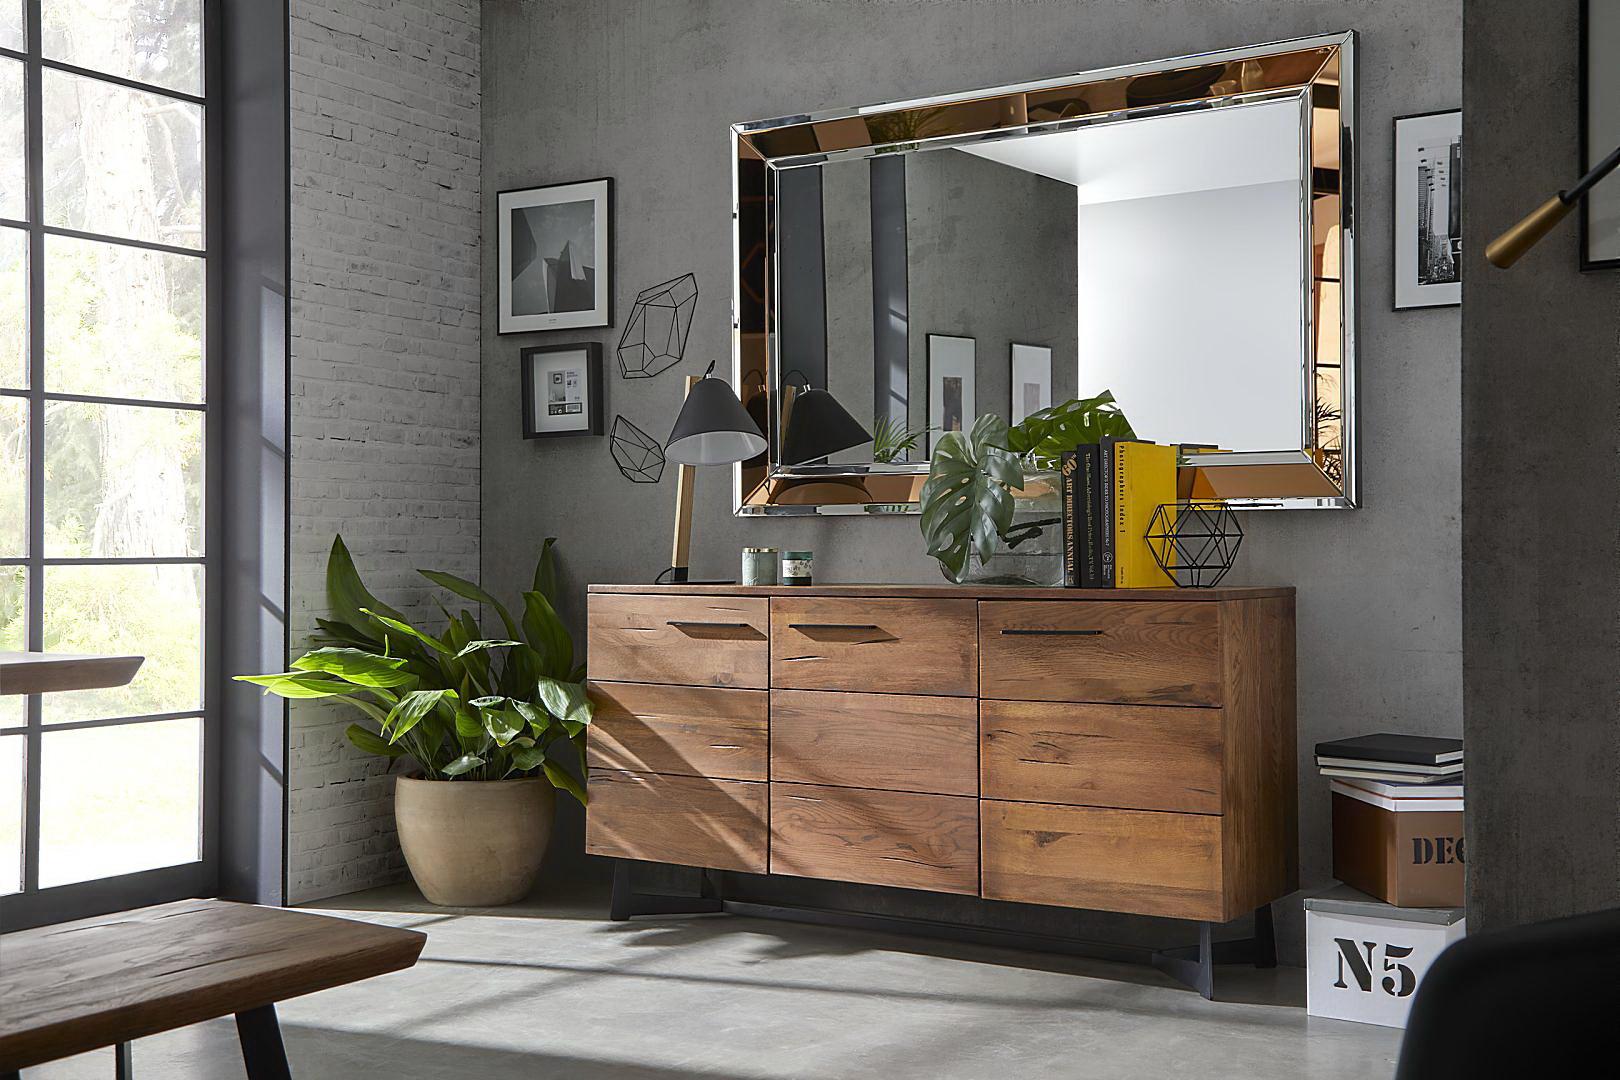 Colecciones de aparadores estilo industrial muebles anto n for Muebles de estilo industrial barato